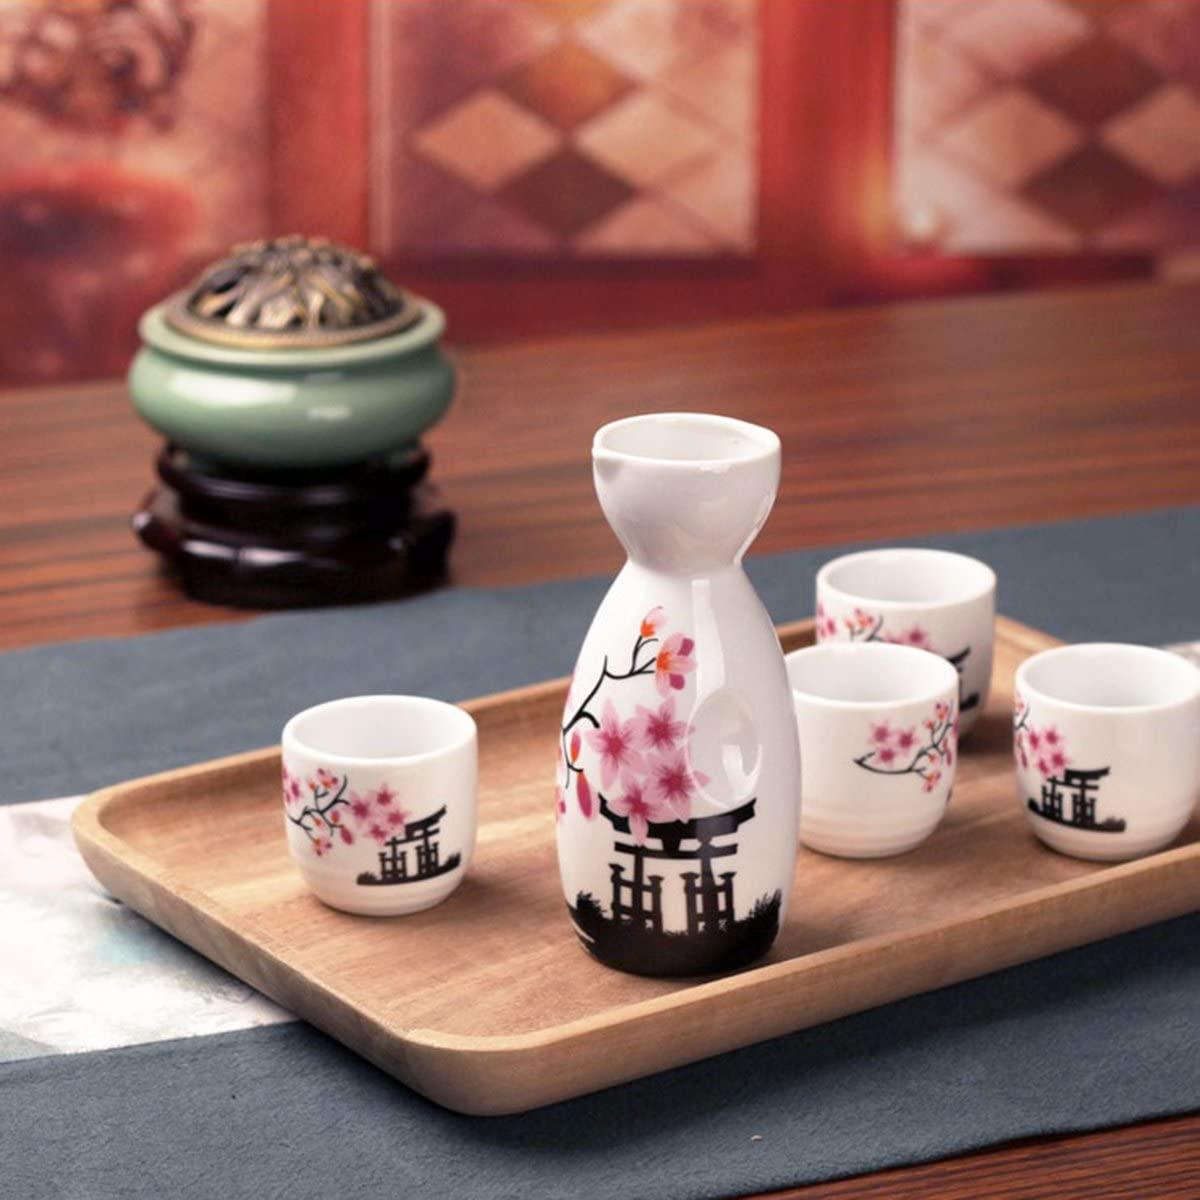 Ceramic Japanese Sake Set - Pink Blossom